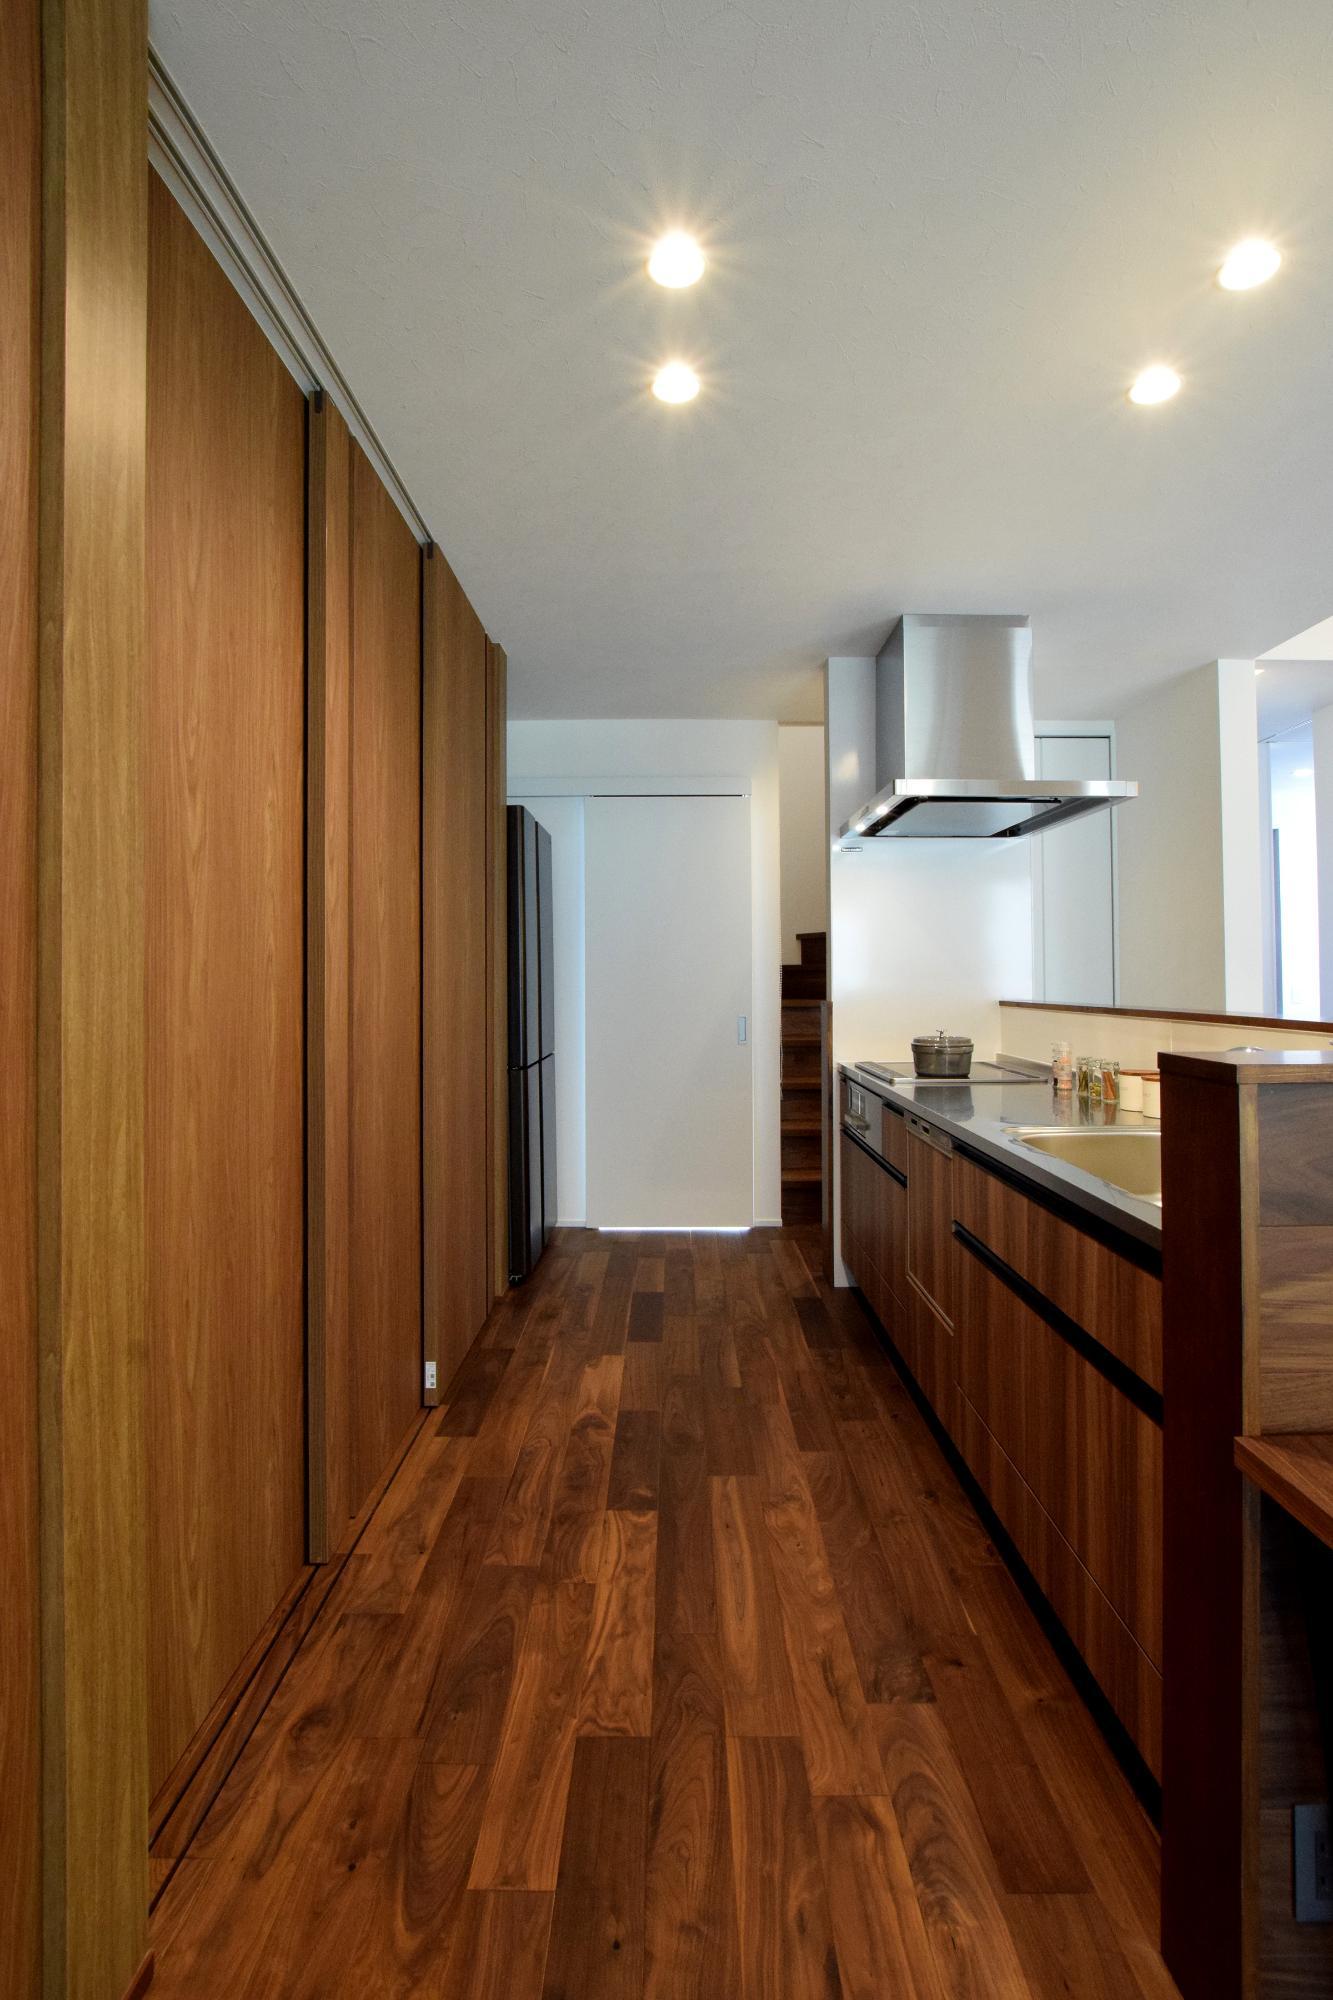 DETAIL HOME(ディテールホーム)「素材のイロドリを生かす」のシンプル・ナチュラル・モダンなキッチンの実例写真